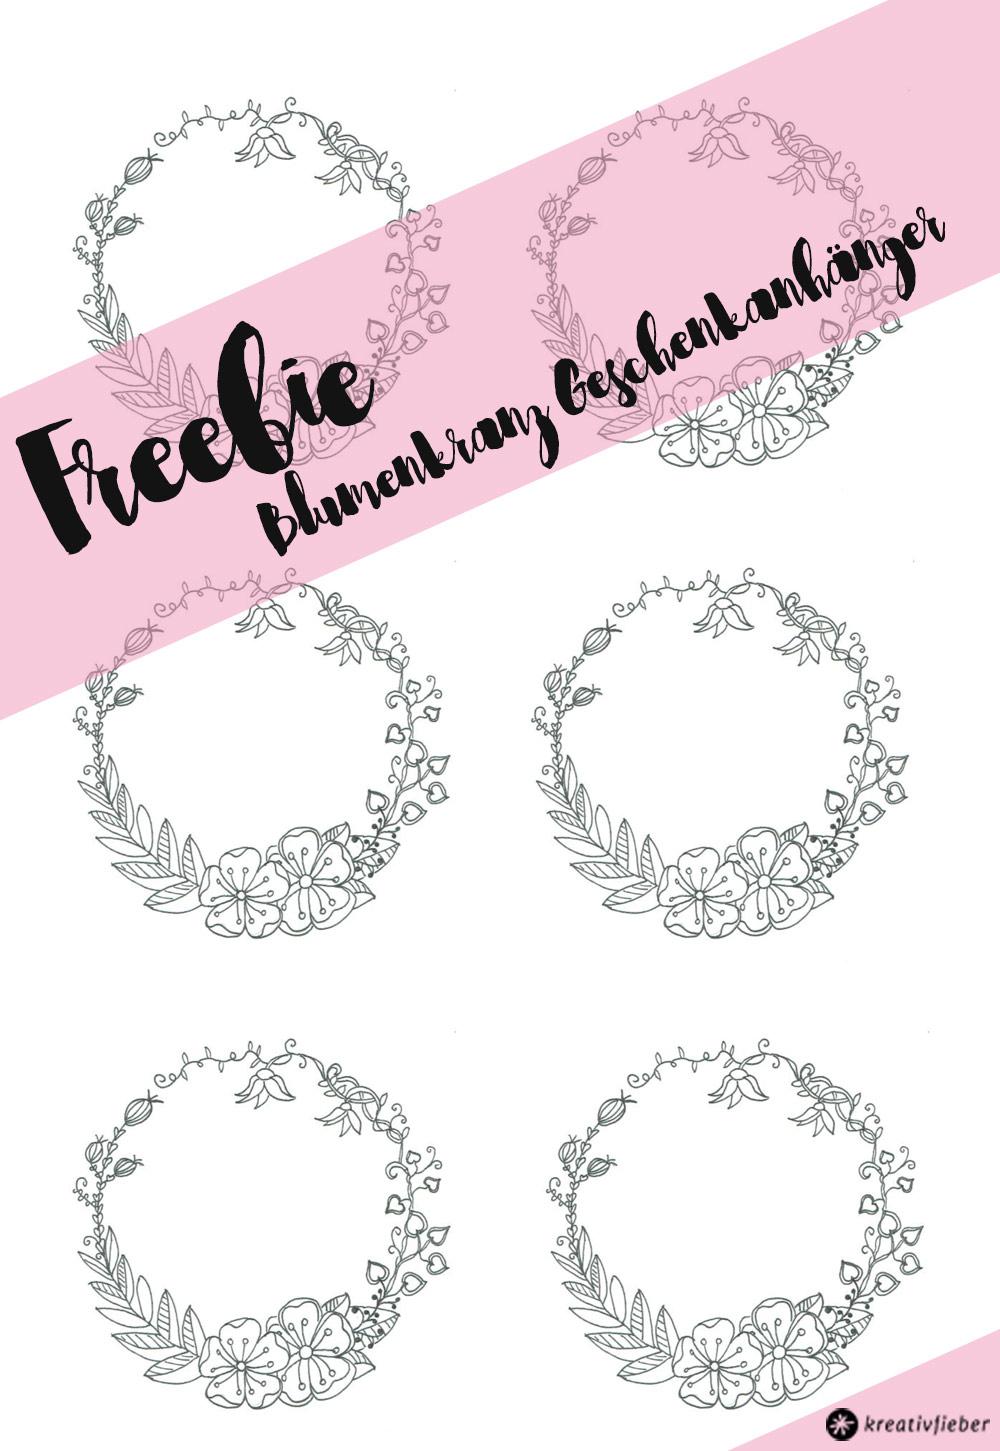 Blumenkranz Geschenkanhänger Printable Freebie - Download auf Kreativfieber.de